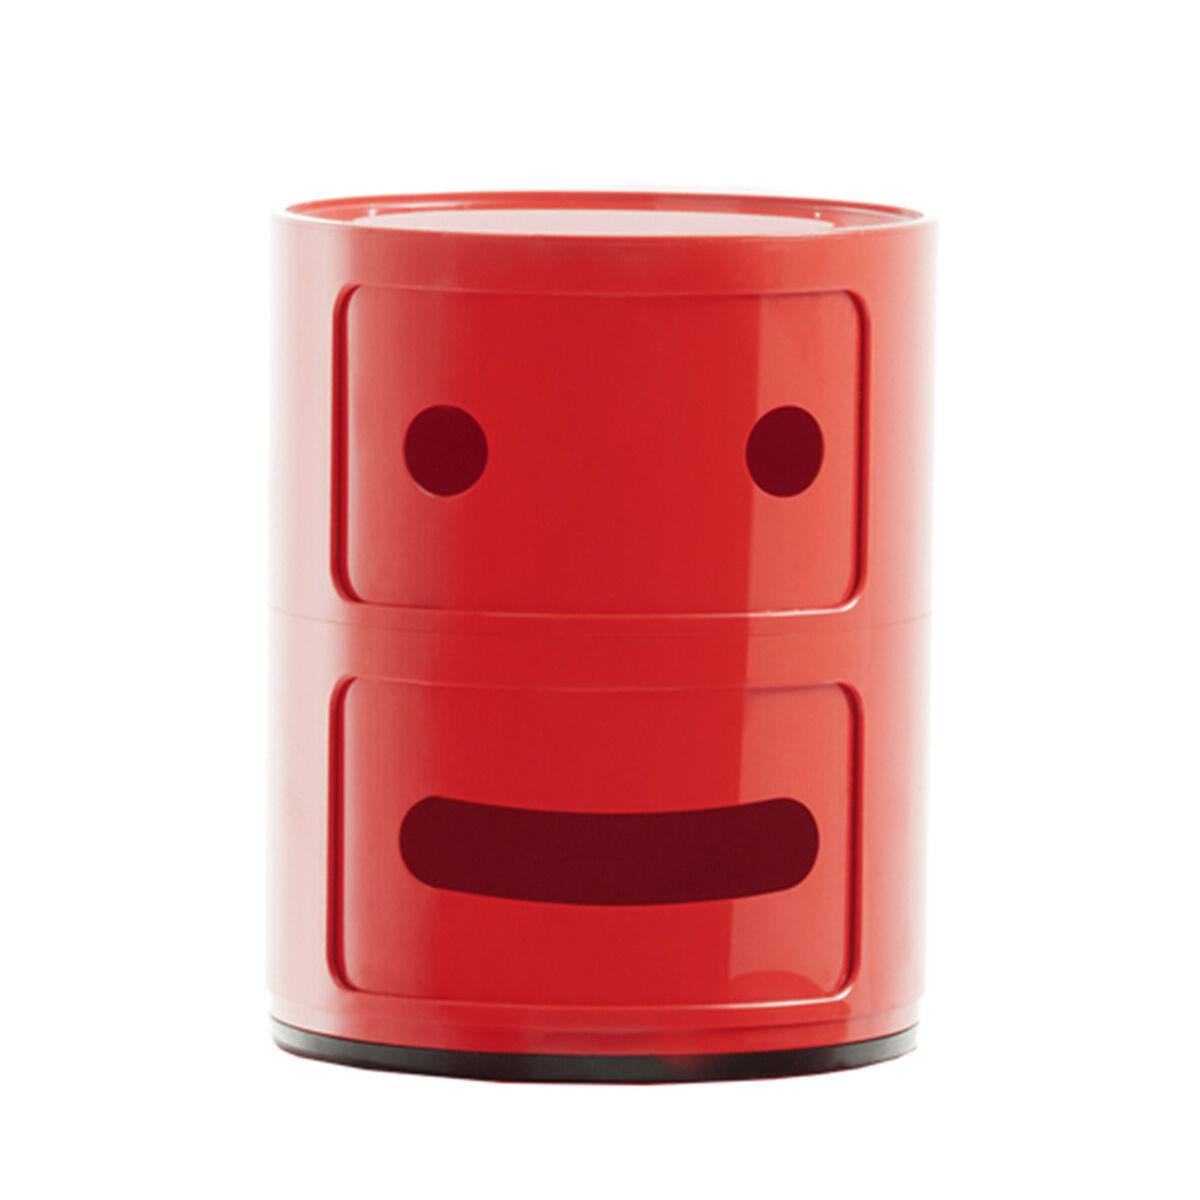 Kartell Componibili Smile s�ilytyskaluste 2, 2-osainen, punainen